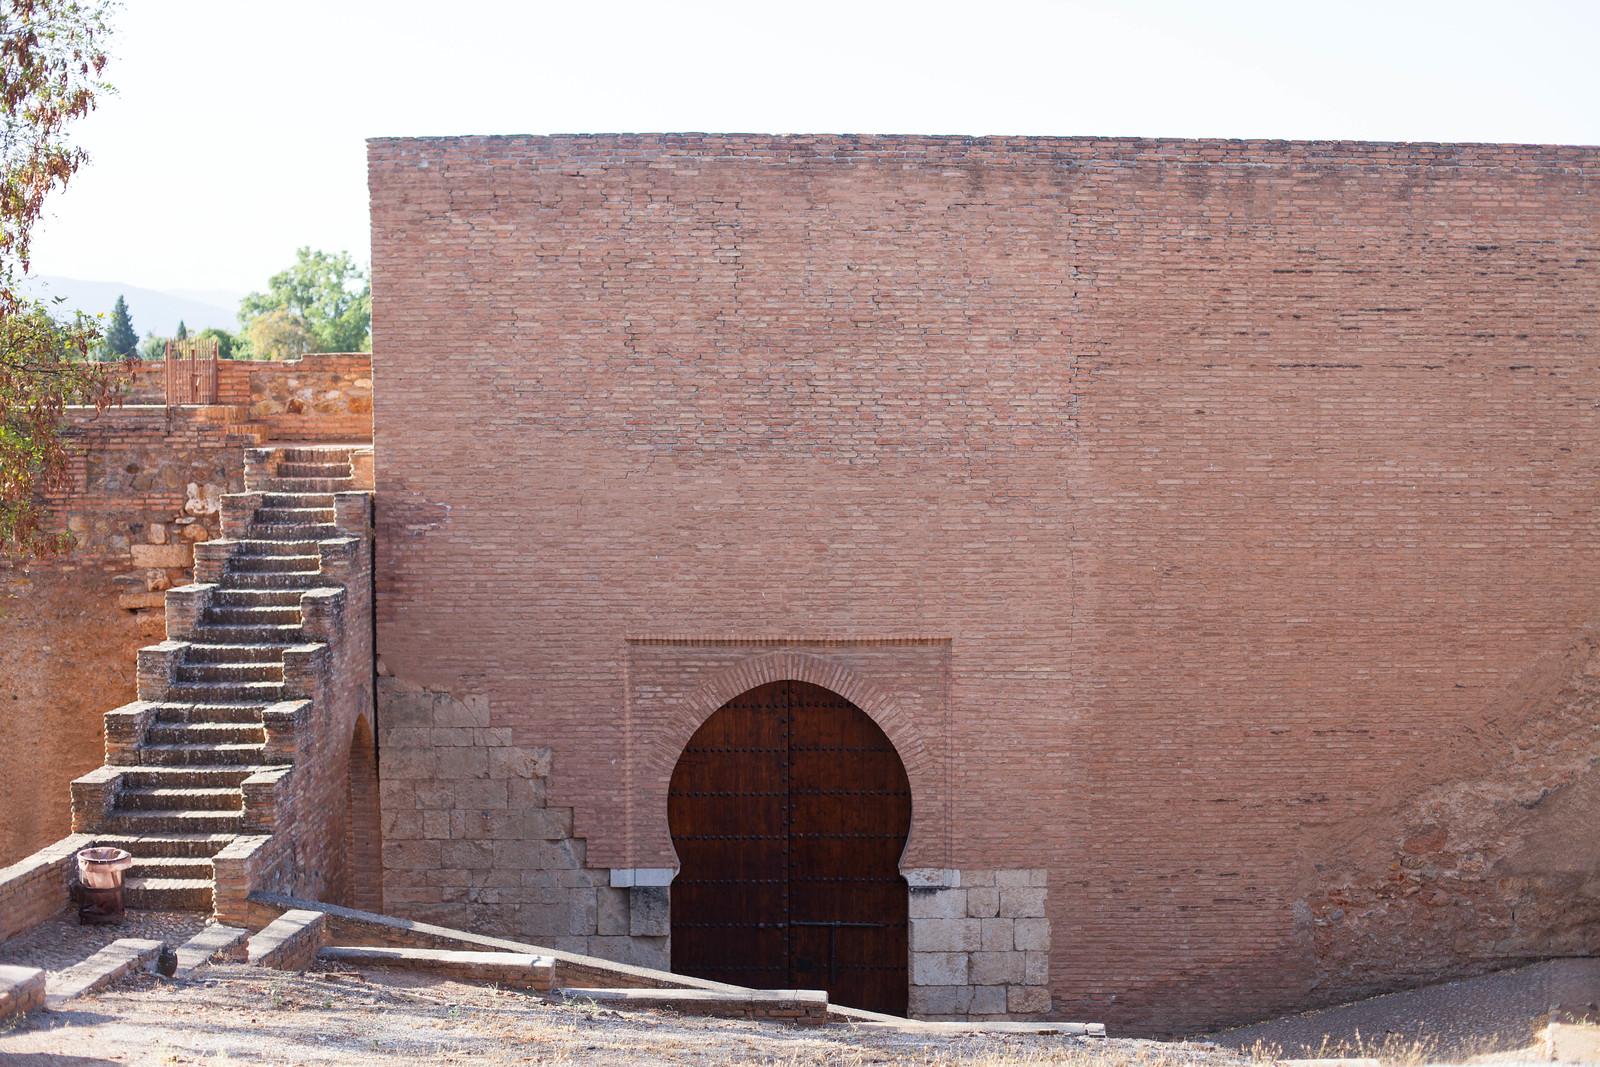 Puerta de Siete Suelos, The Alhambra, Granada Spain